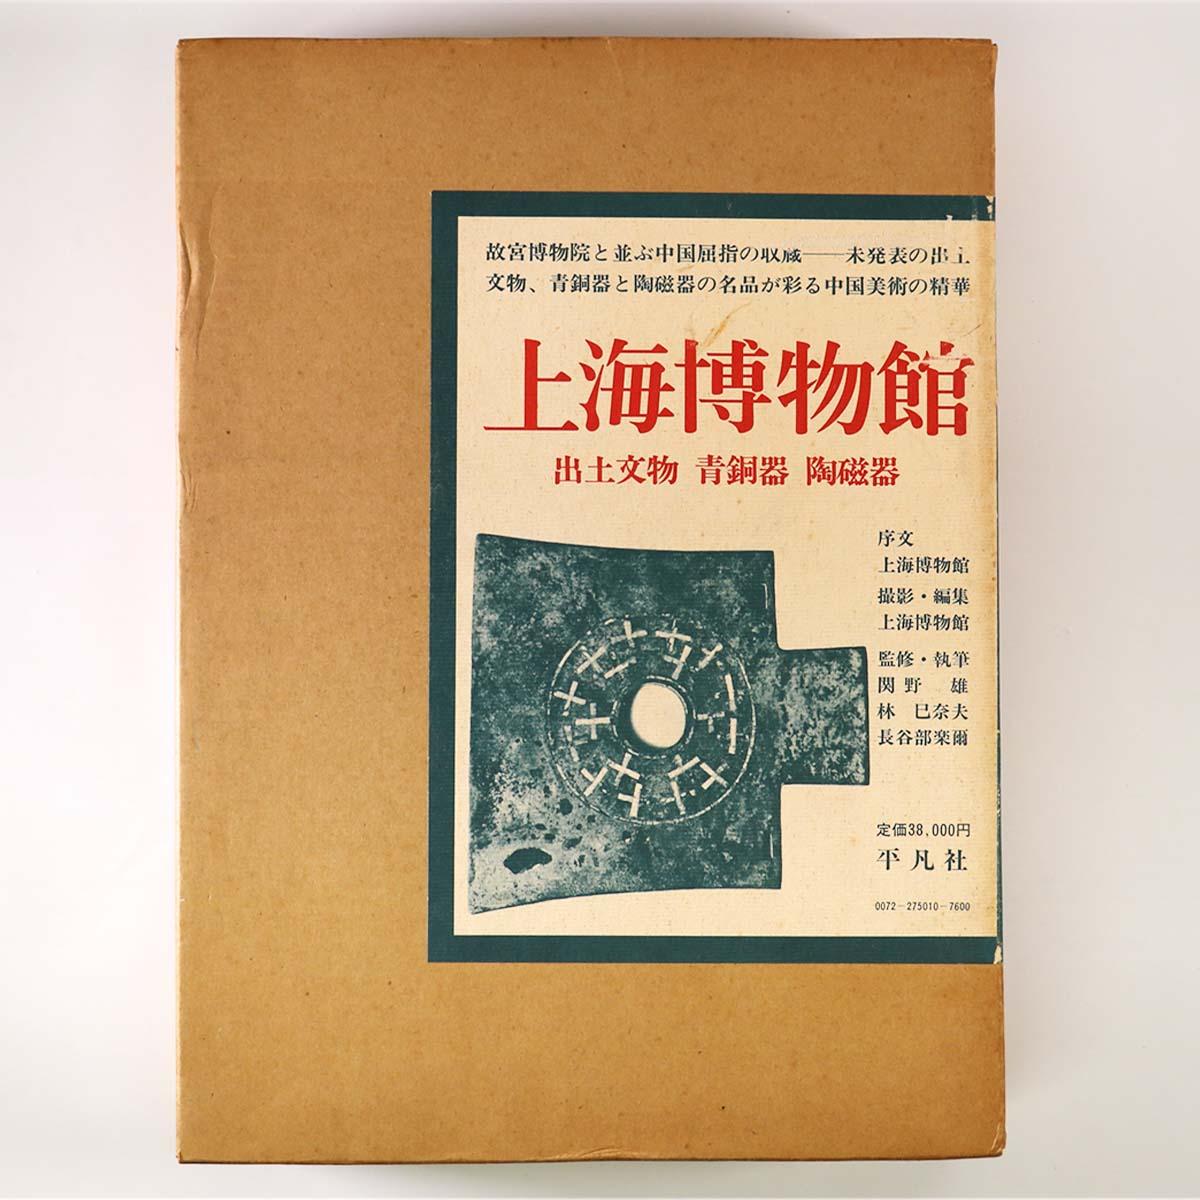 上海博物館 出土文物・青銅器・陶磁器